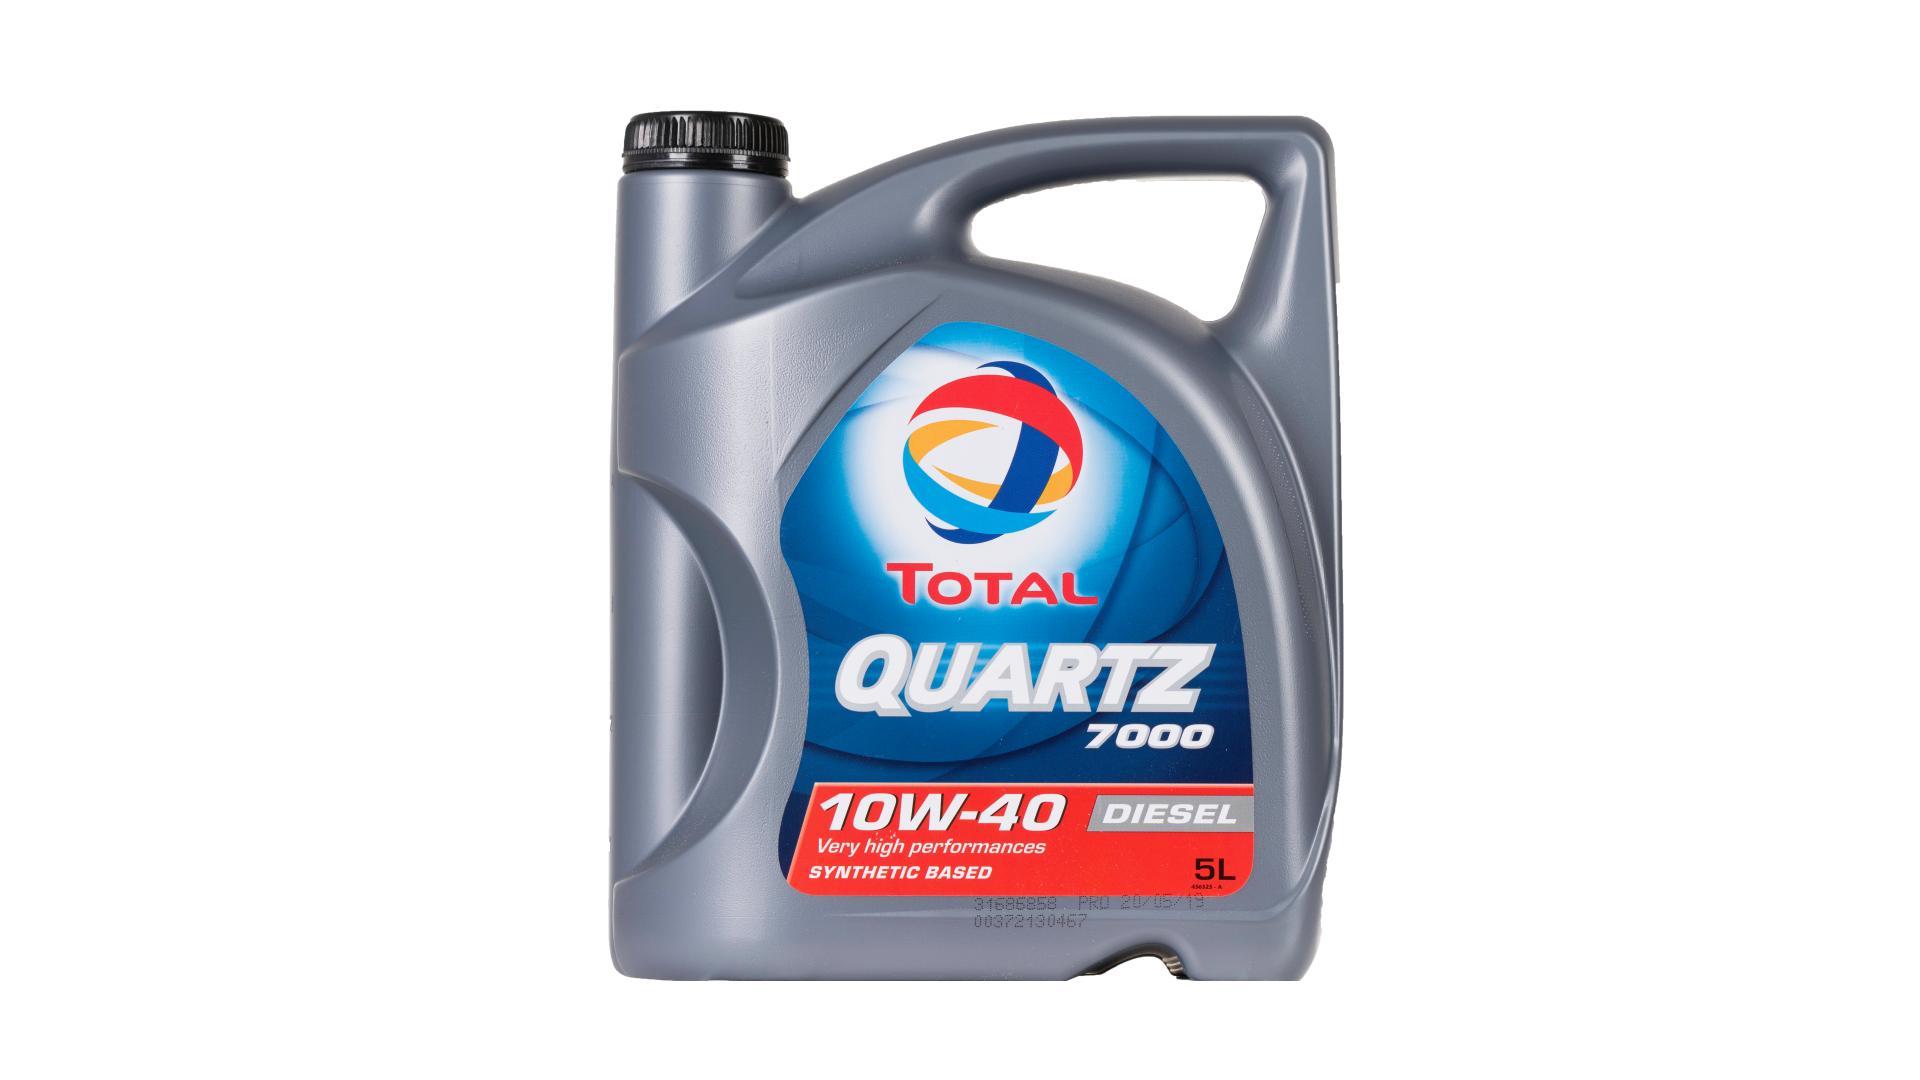 Total 10w-40 diesel 7000 5L (201524) (203709)